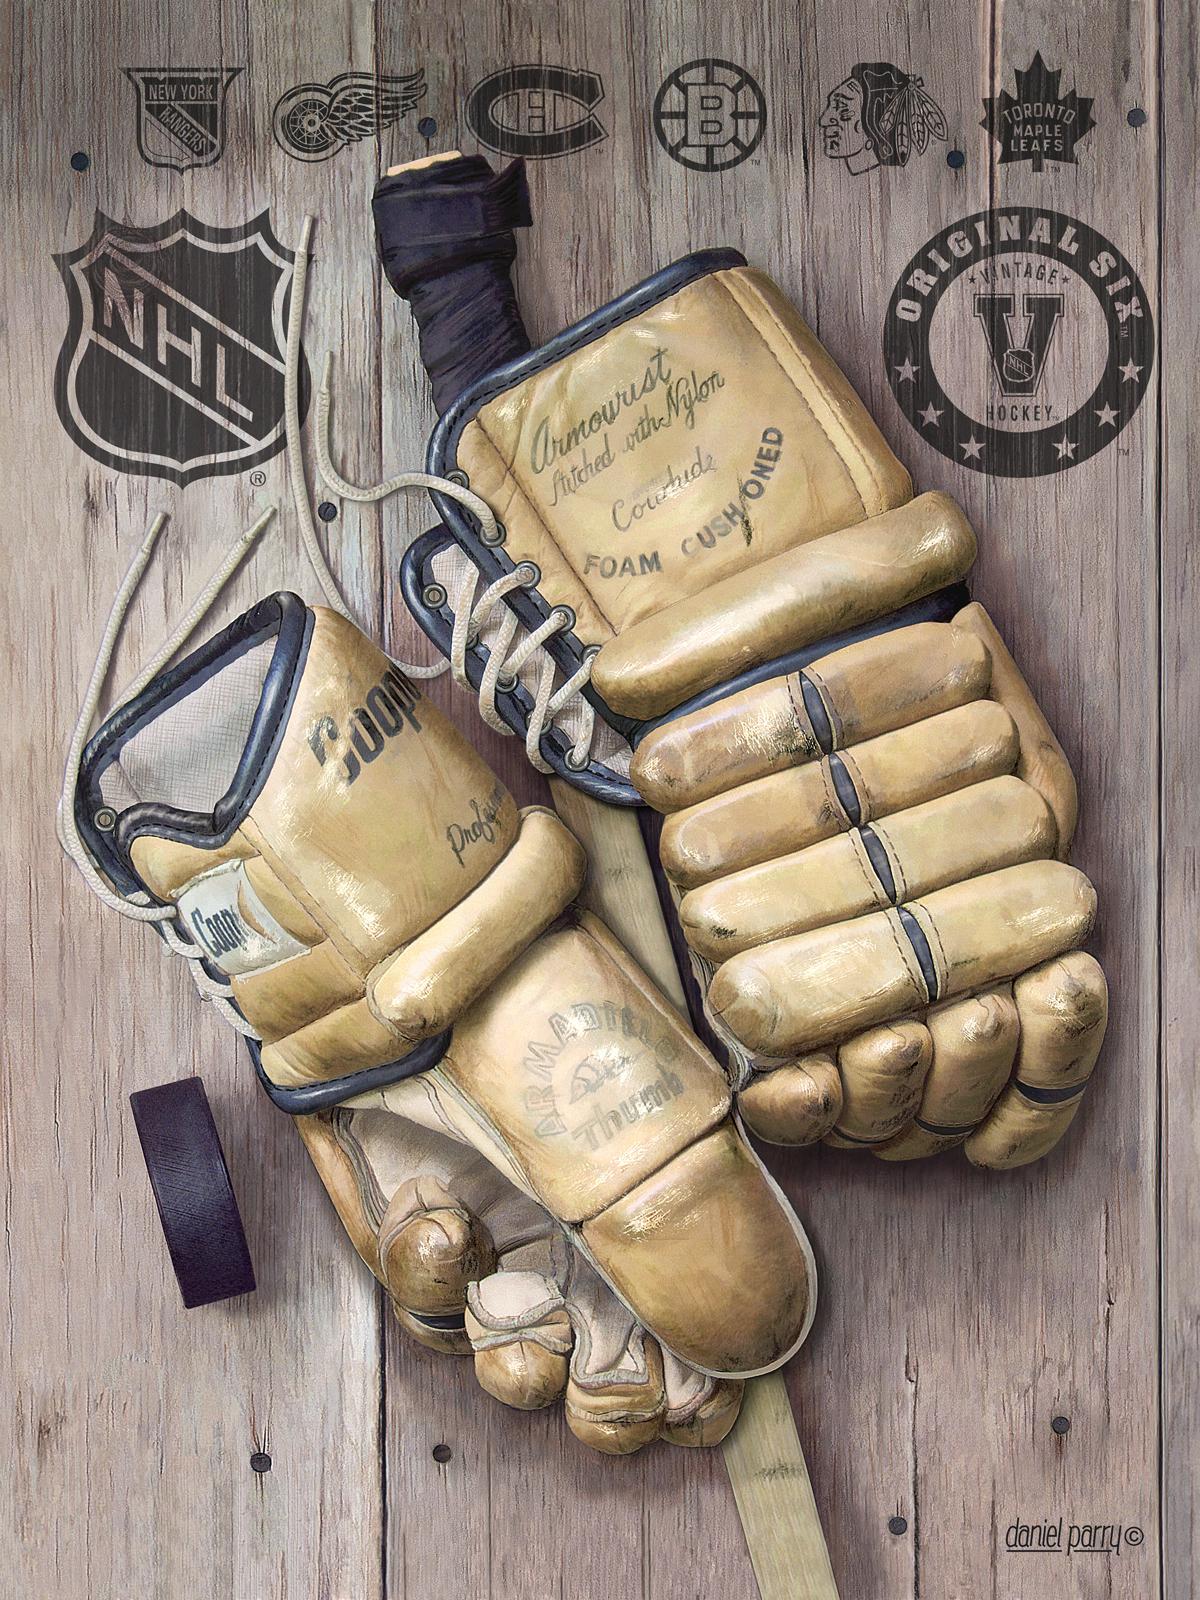 nhl vintage hockey gloves puzzle cse games carpe ludum seize the game. Black Bedroom Furniture Sets. Home Design Ideas